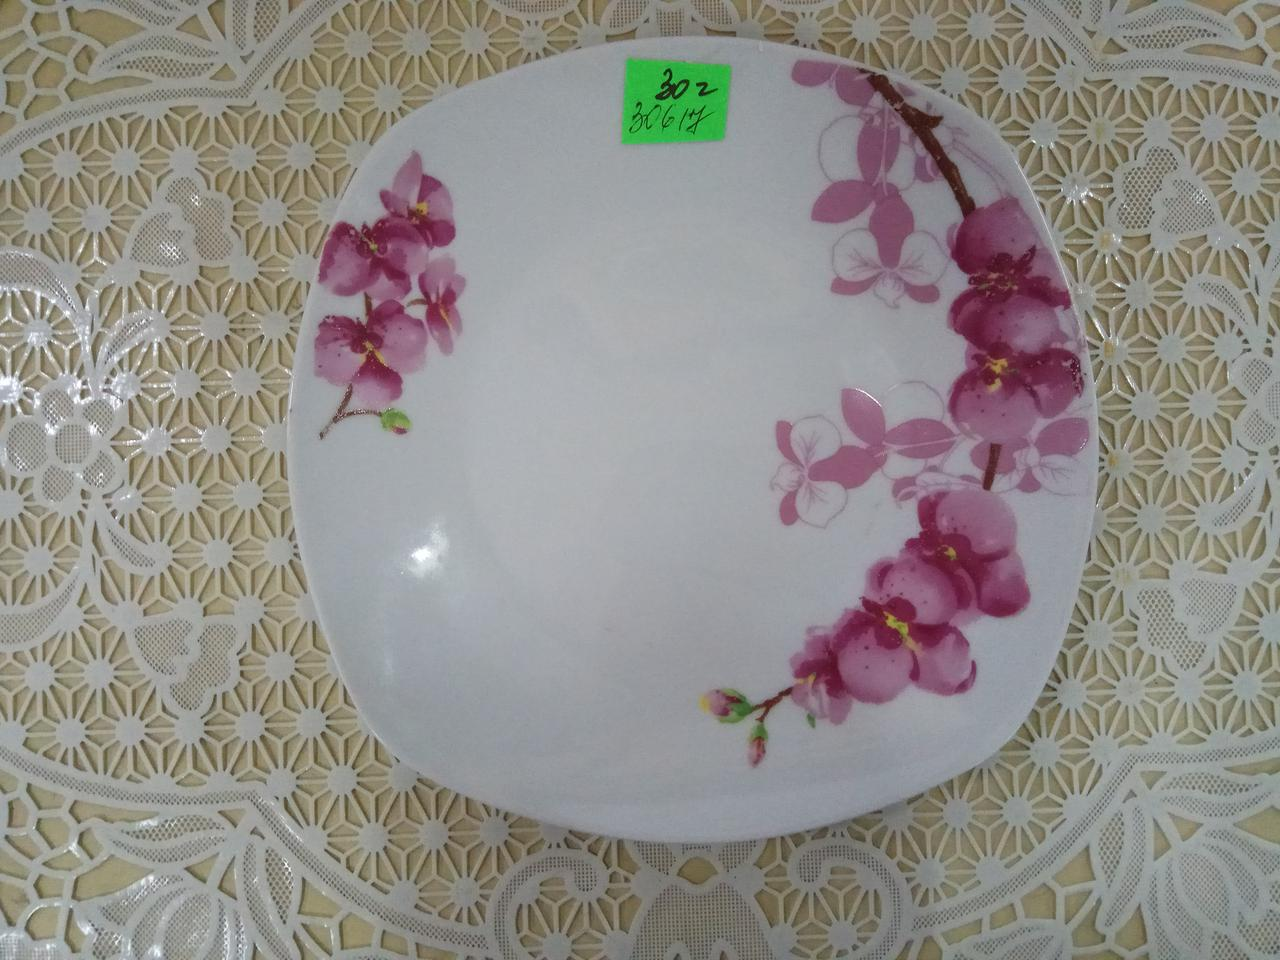 Орхідея квадр. тарілка для 2-го 8